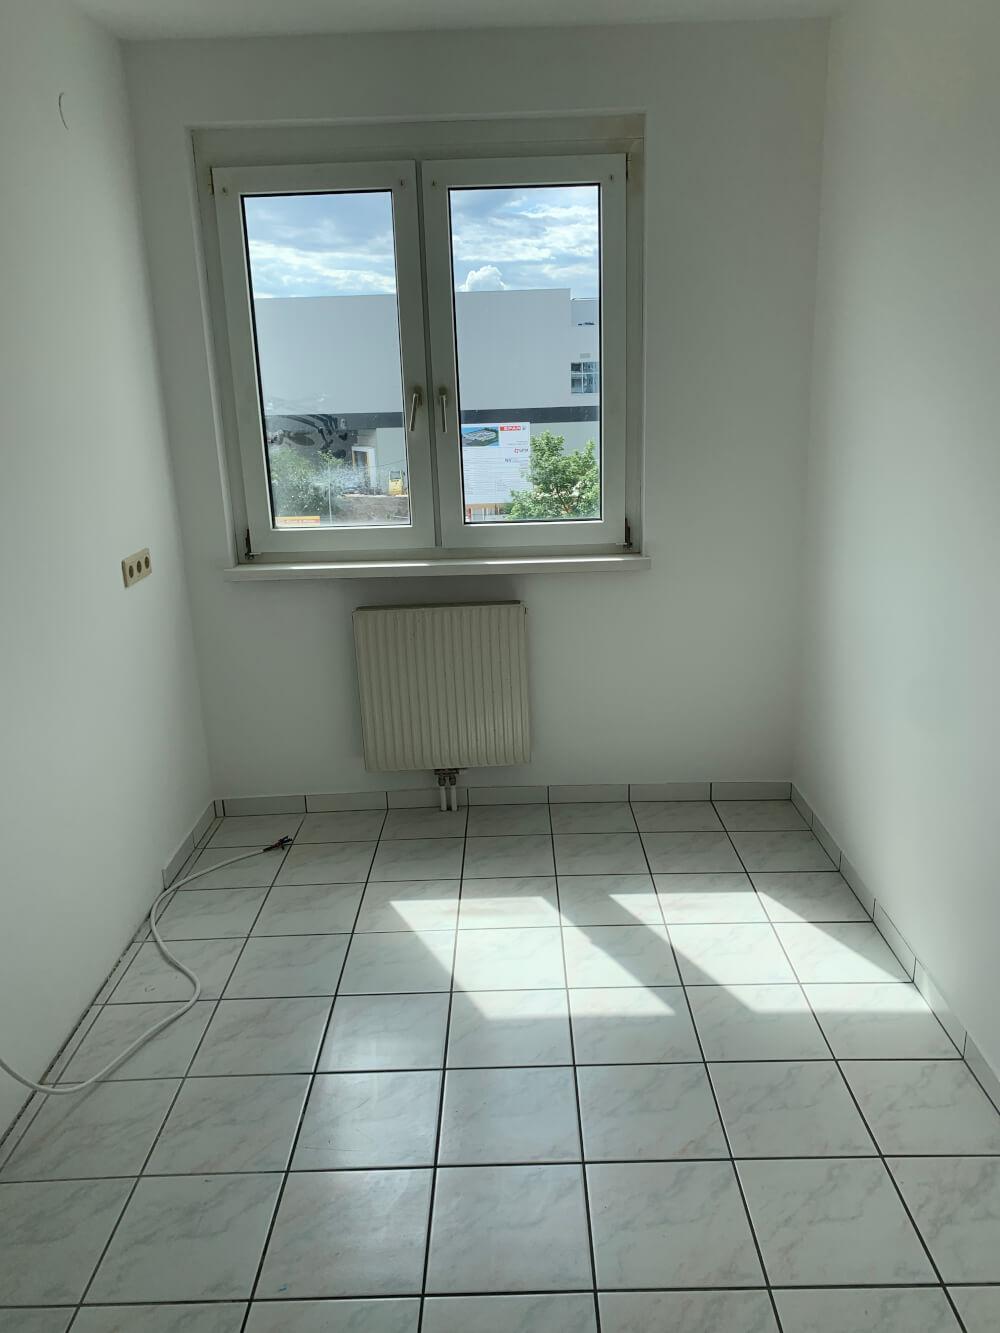 Immobilie von BWSG in Lagergasse 29/08/16, 3100 St. Pölten #5